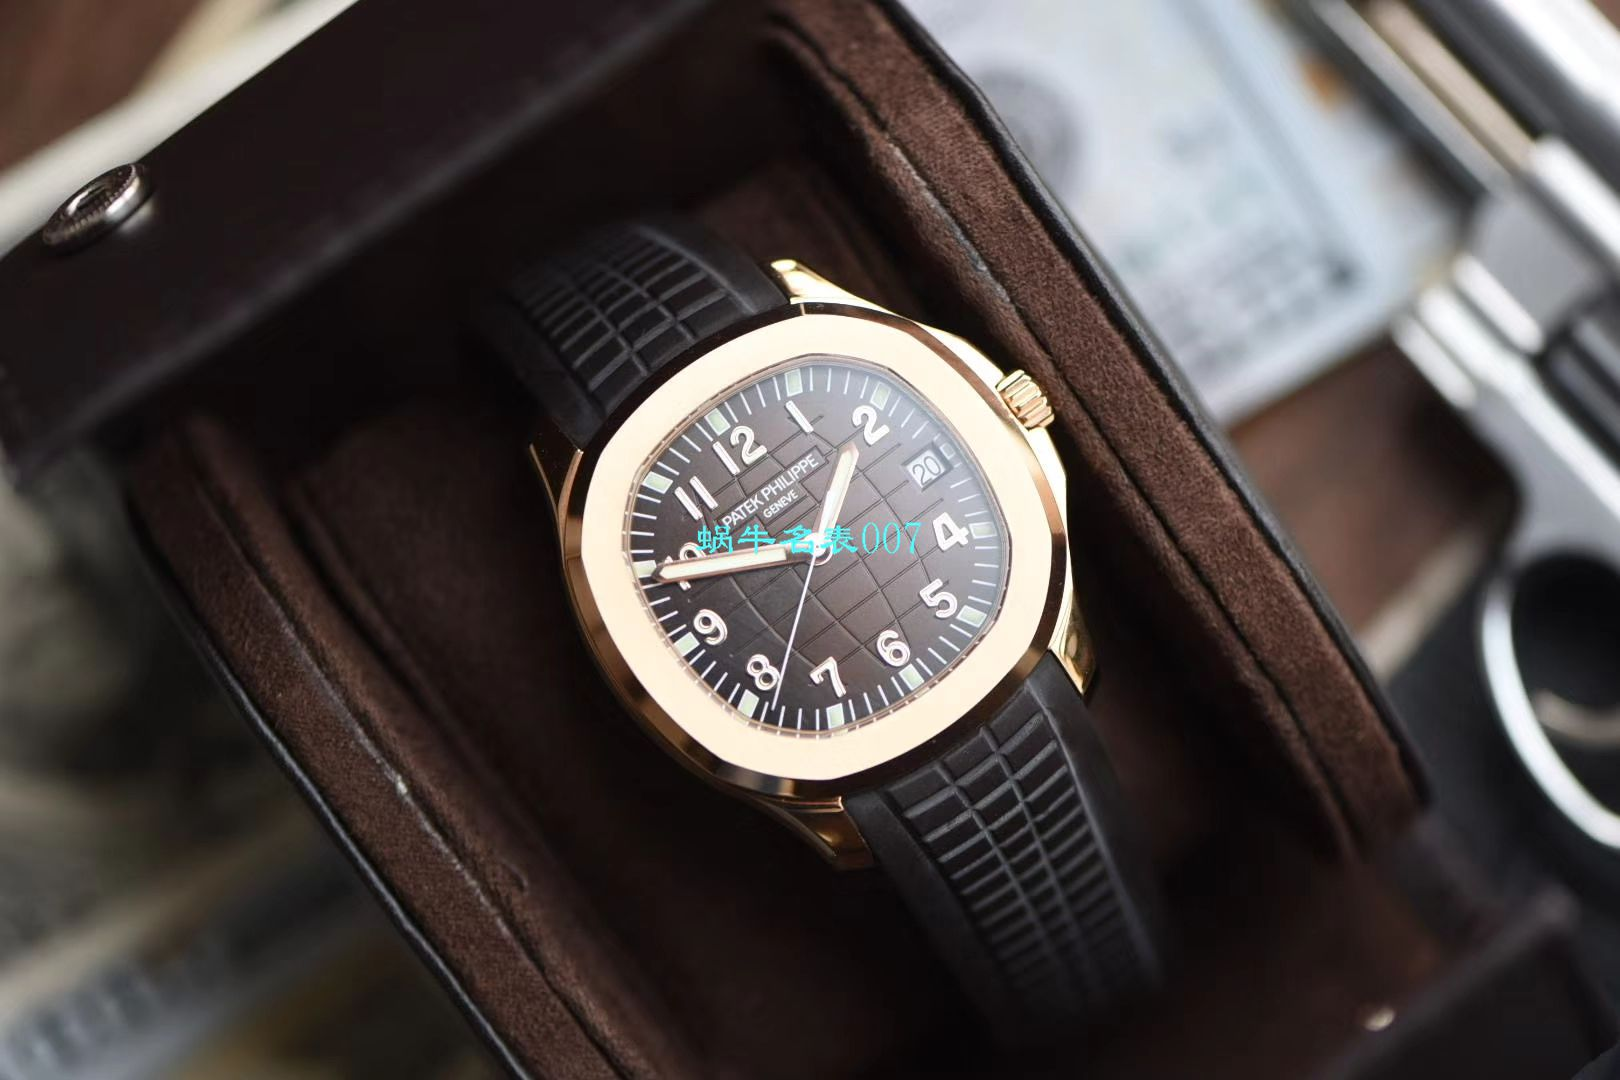 视频评测3K厂顶级复刻手表百达翡丽鹦鹉螺手雷一体机AQUANAUT系列5167R-001腕表 / BD271